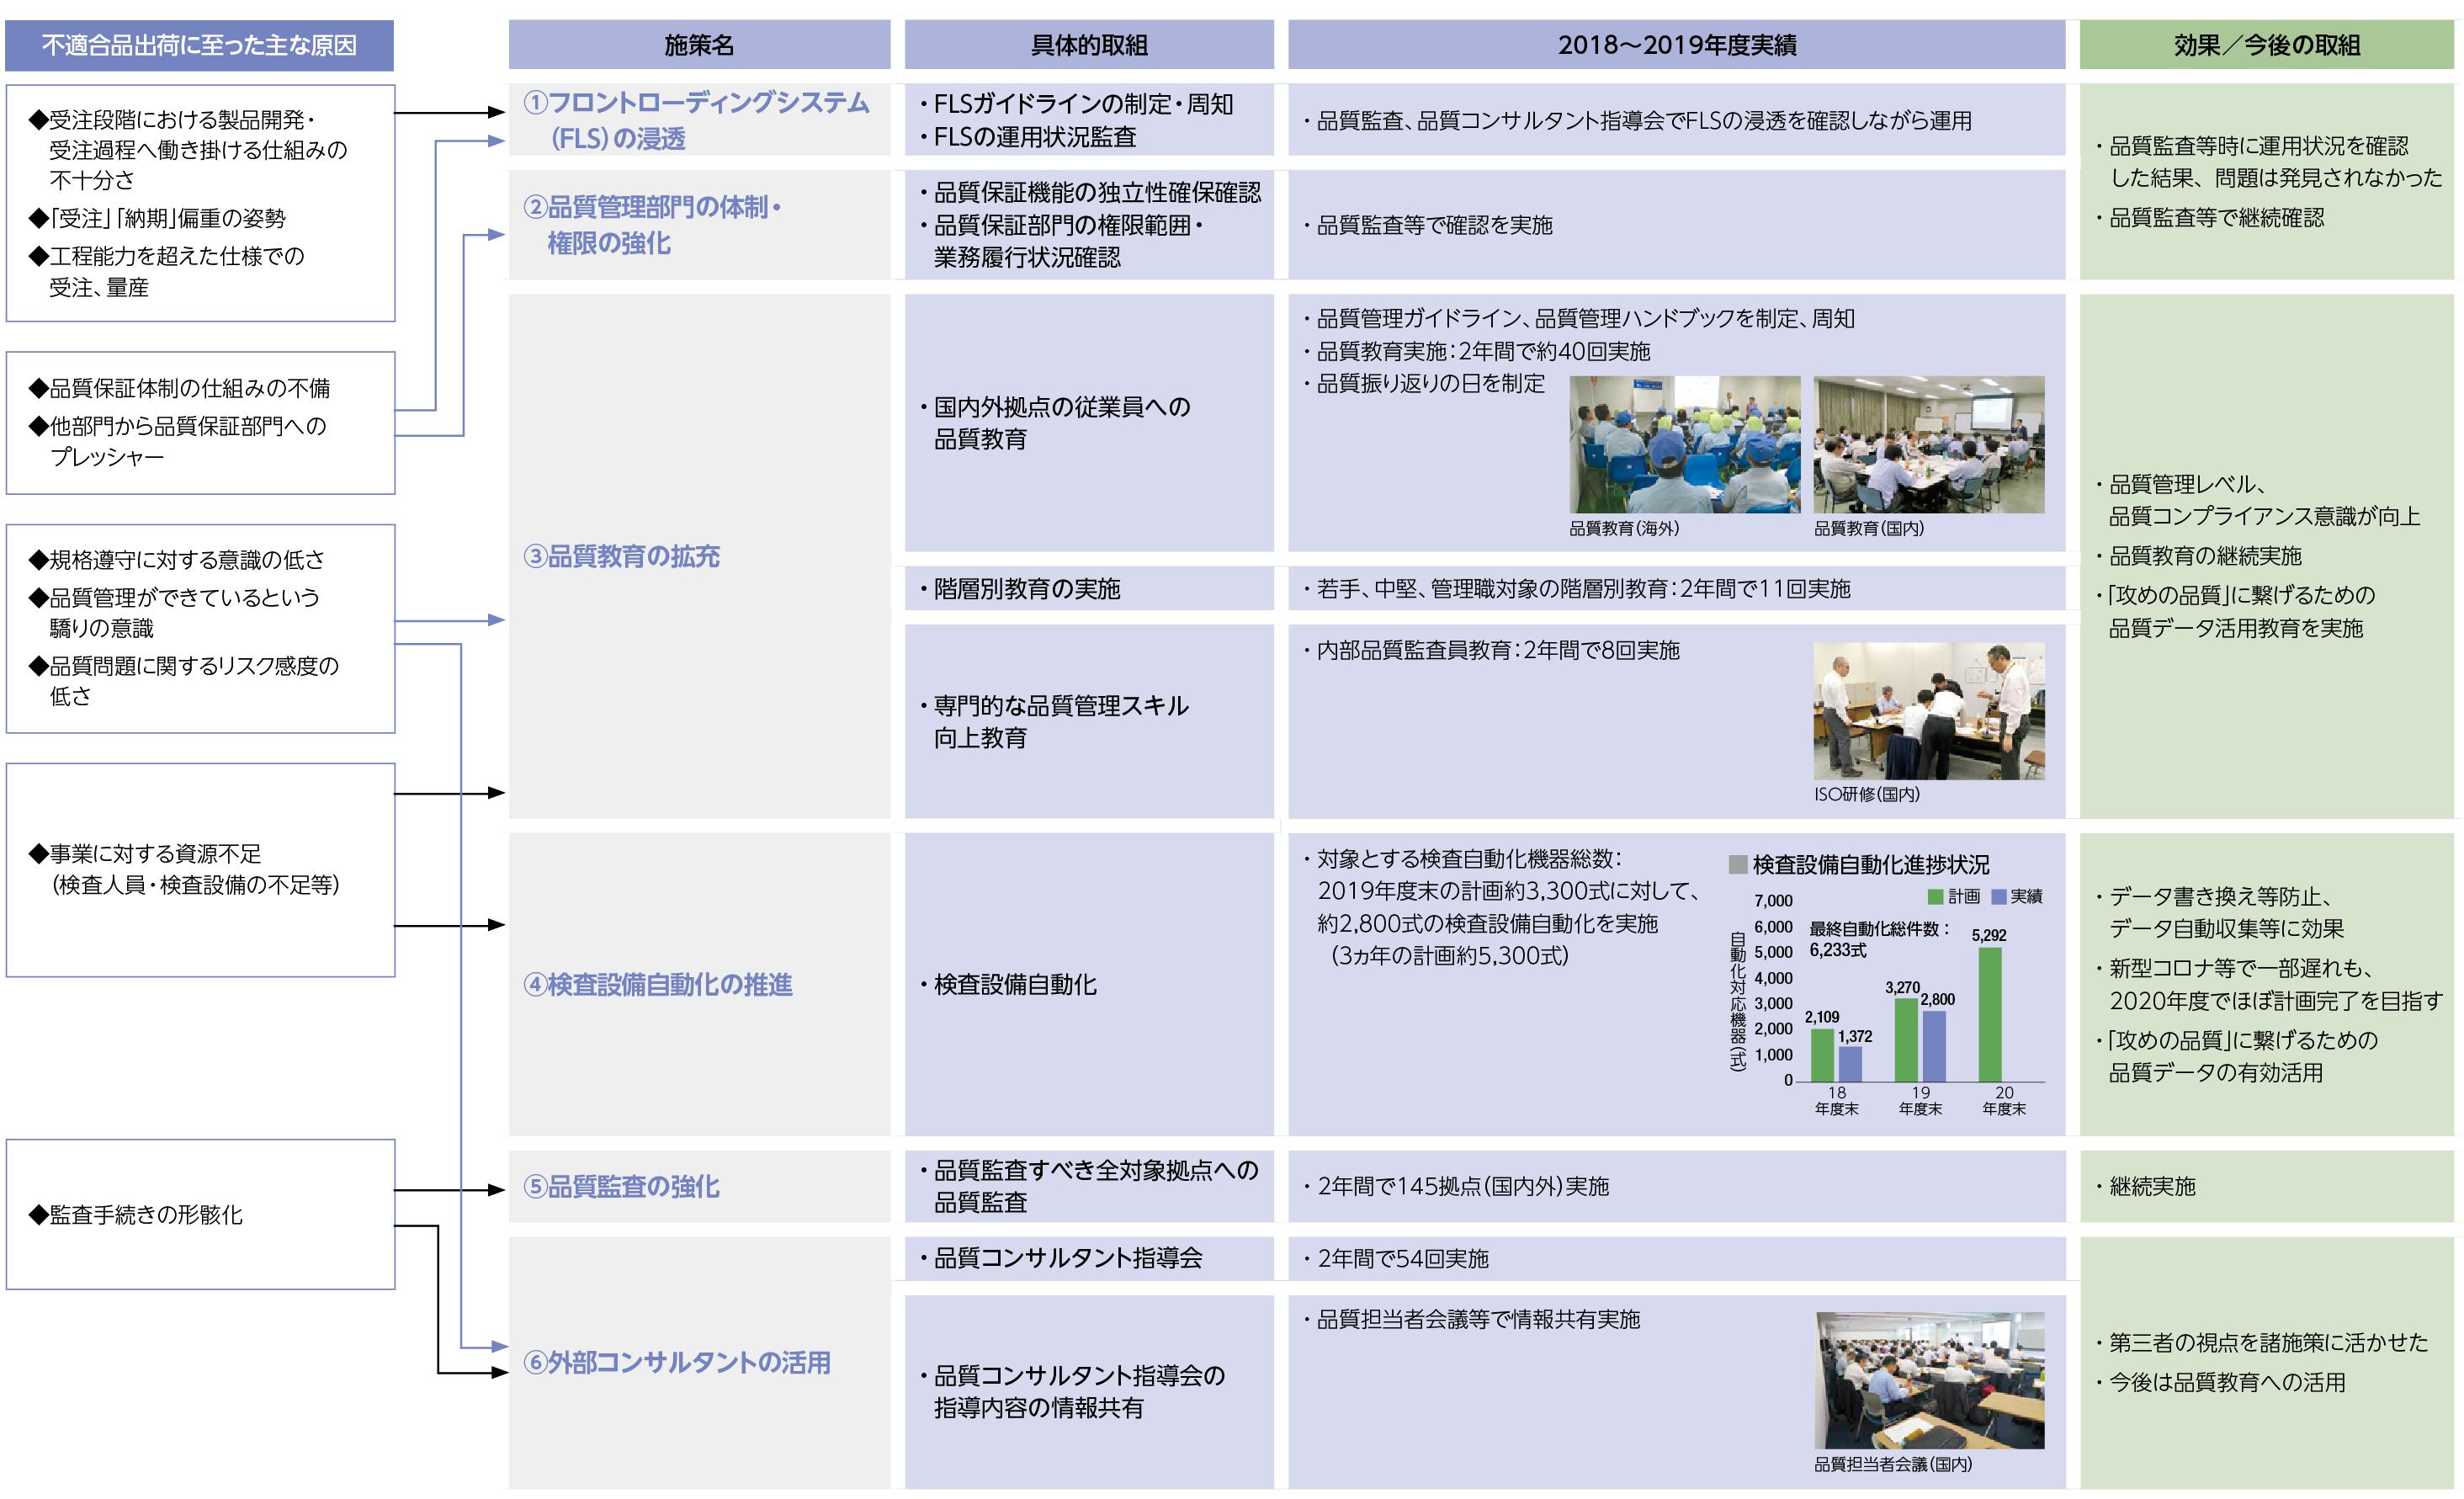 品質管理に係るガバナンス体制の再構築策及び再発防止策